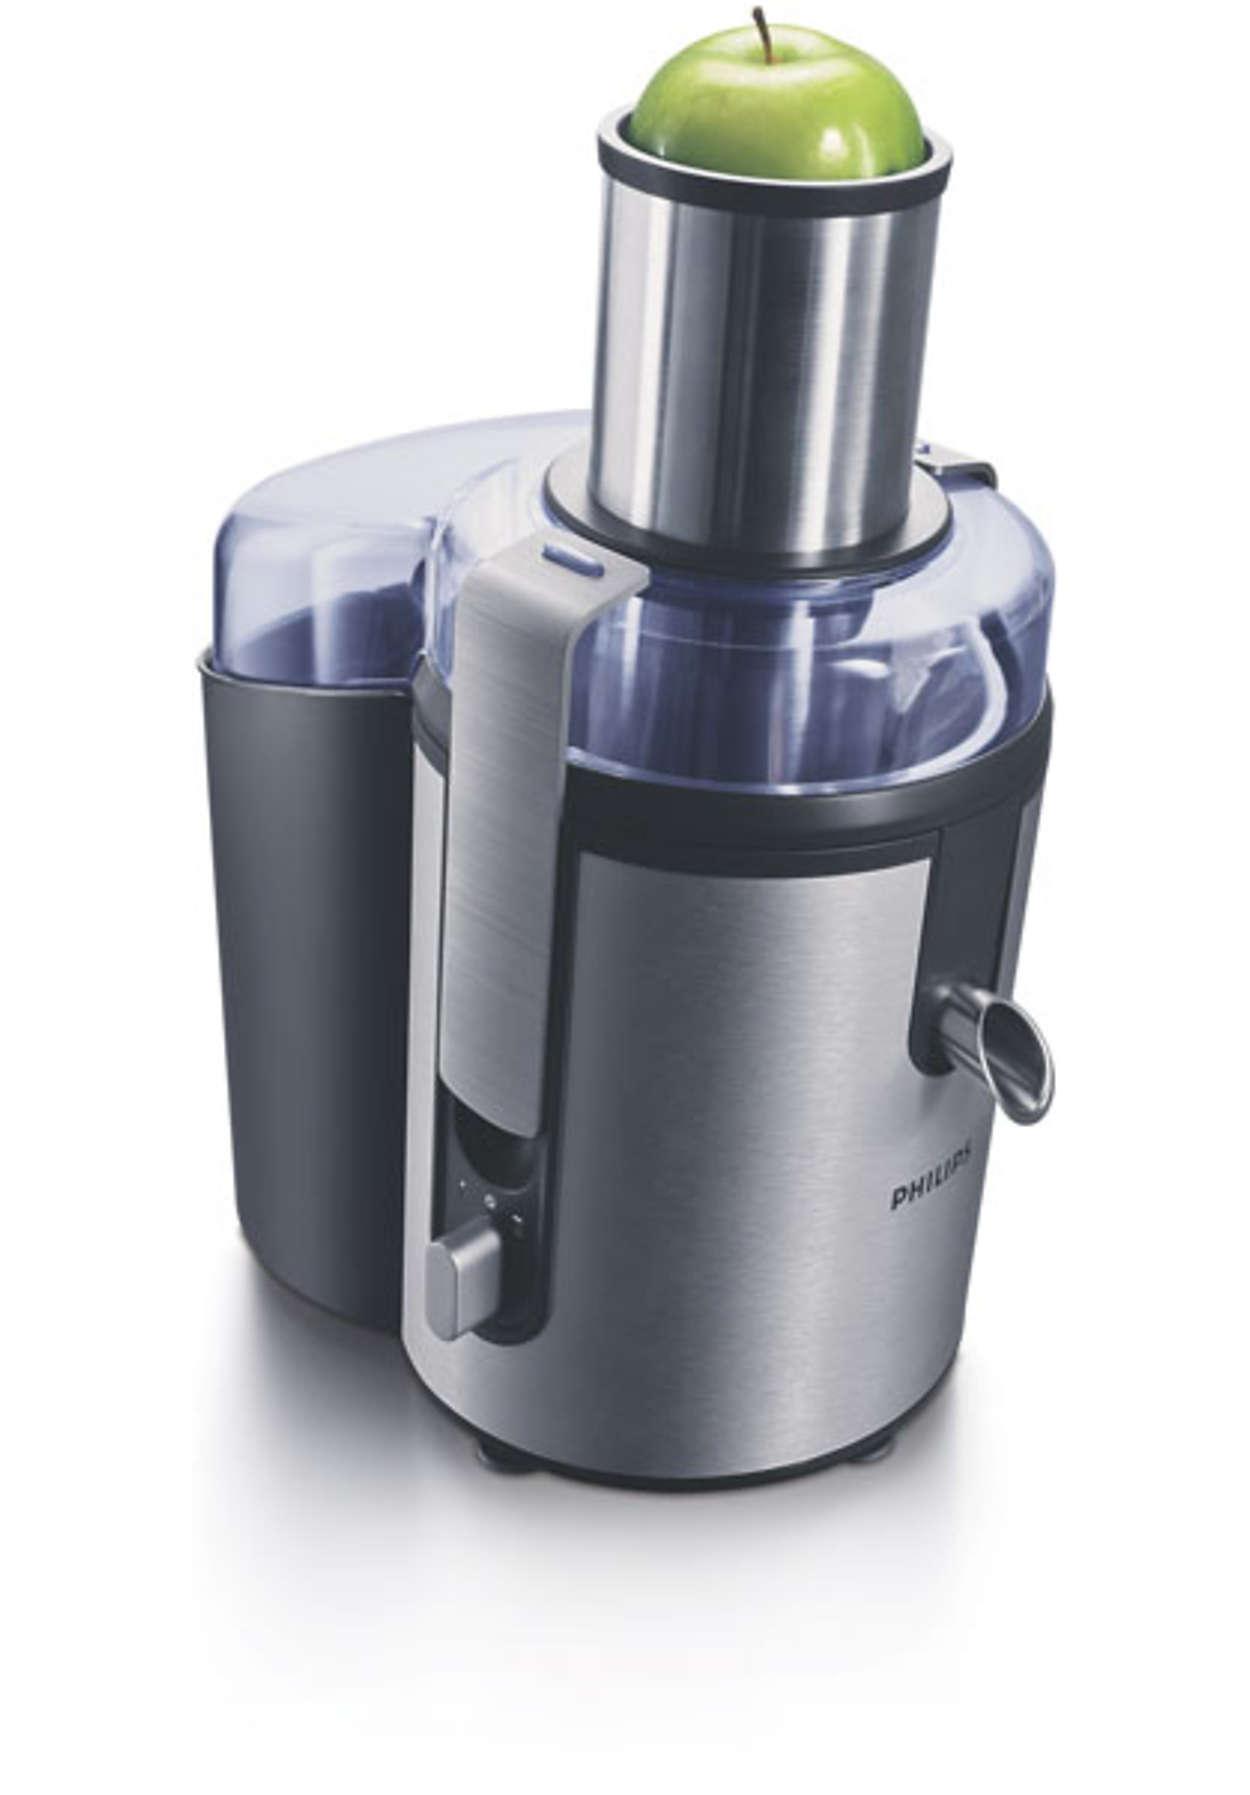 Aluminium Collection Juicer HR1865/00 | Philips